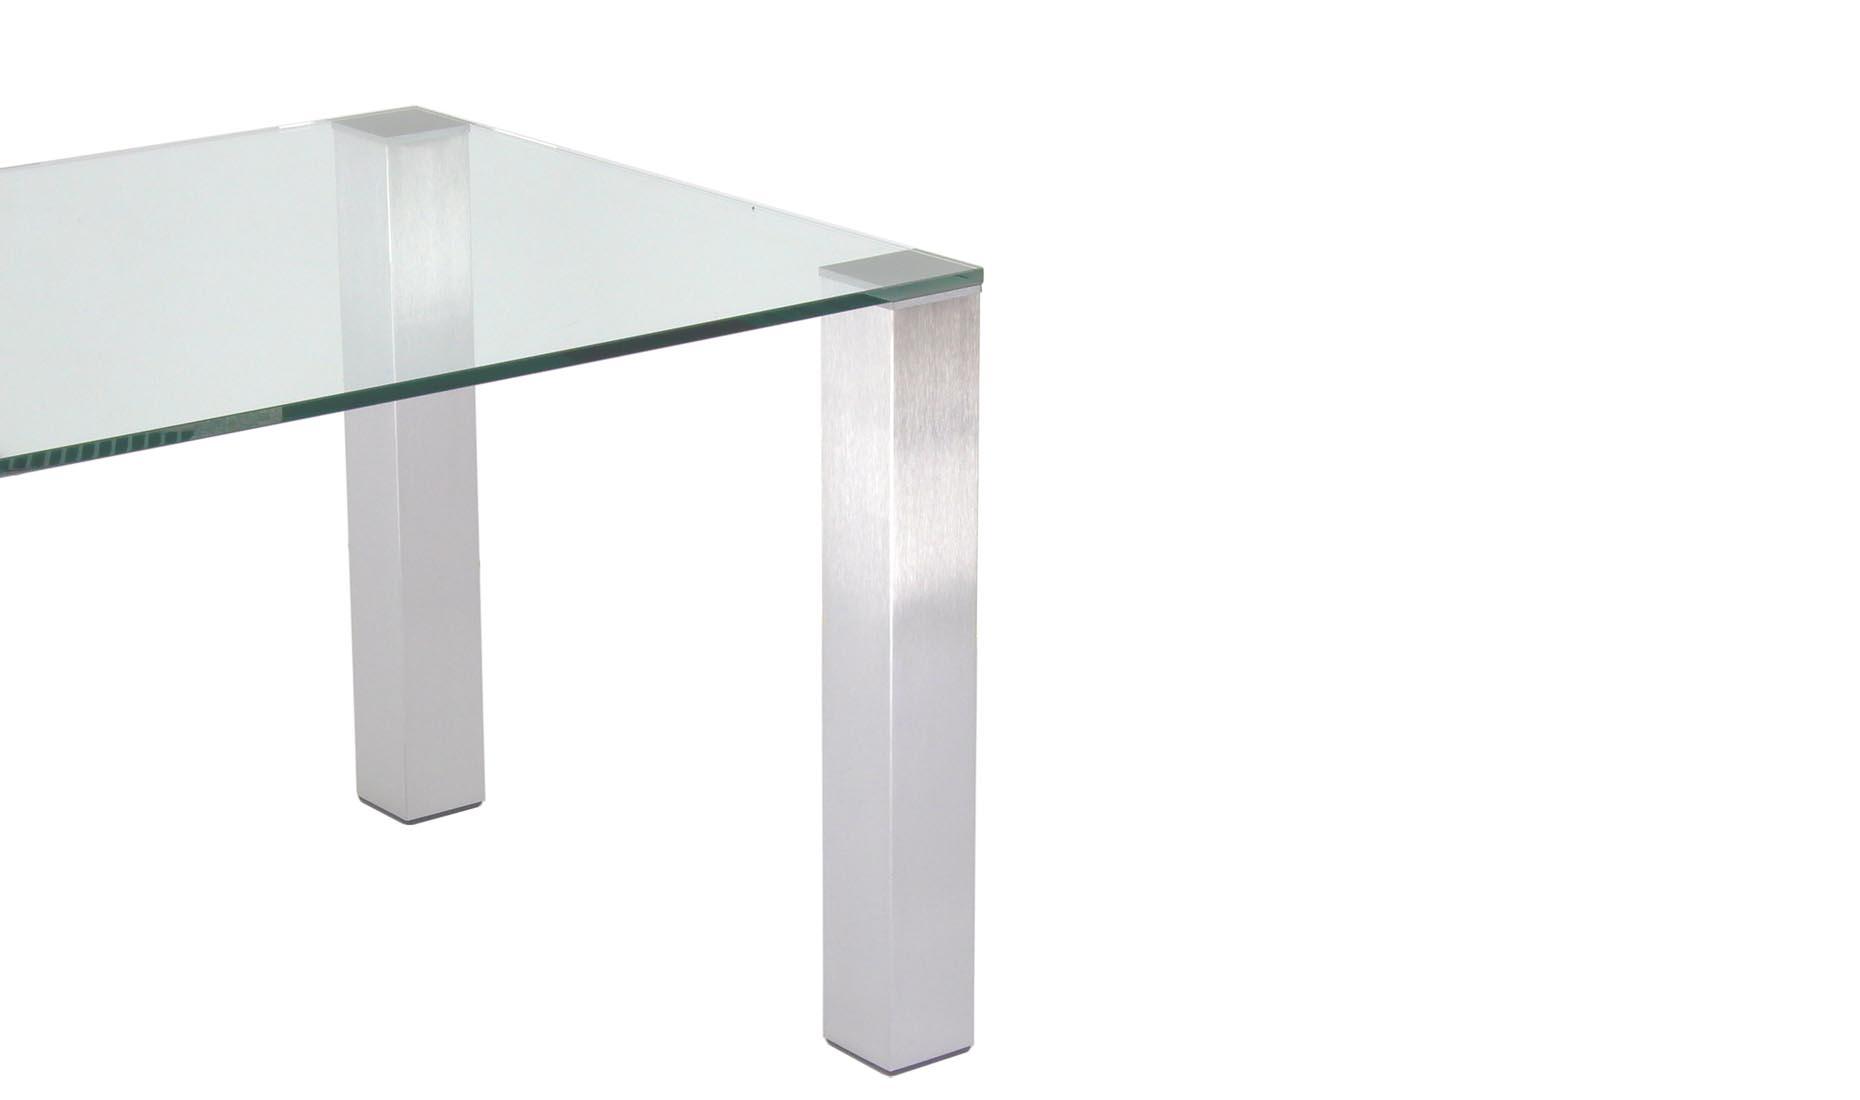 Glas Esstisch Nach Maß Cub 100 Hersteller Deutschland